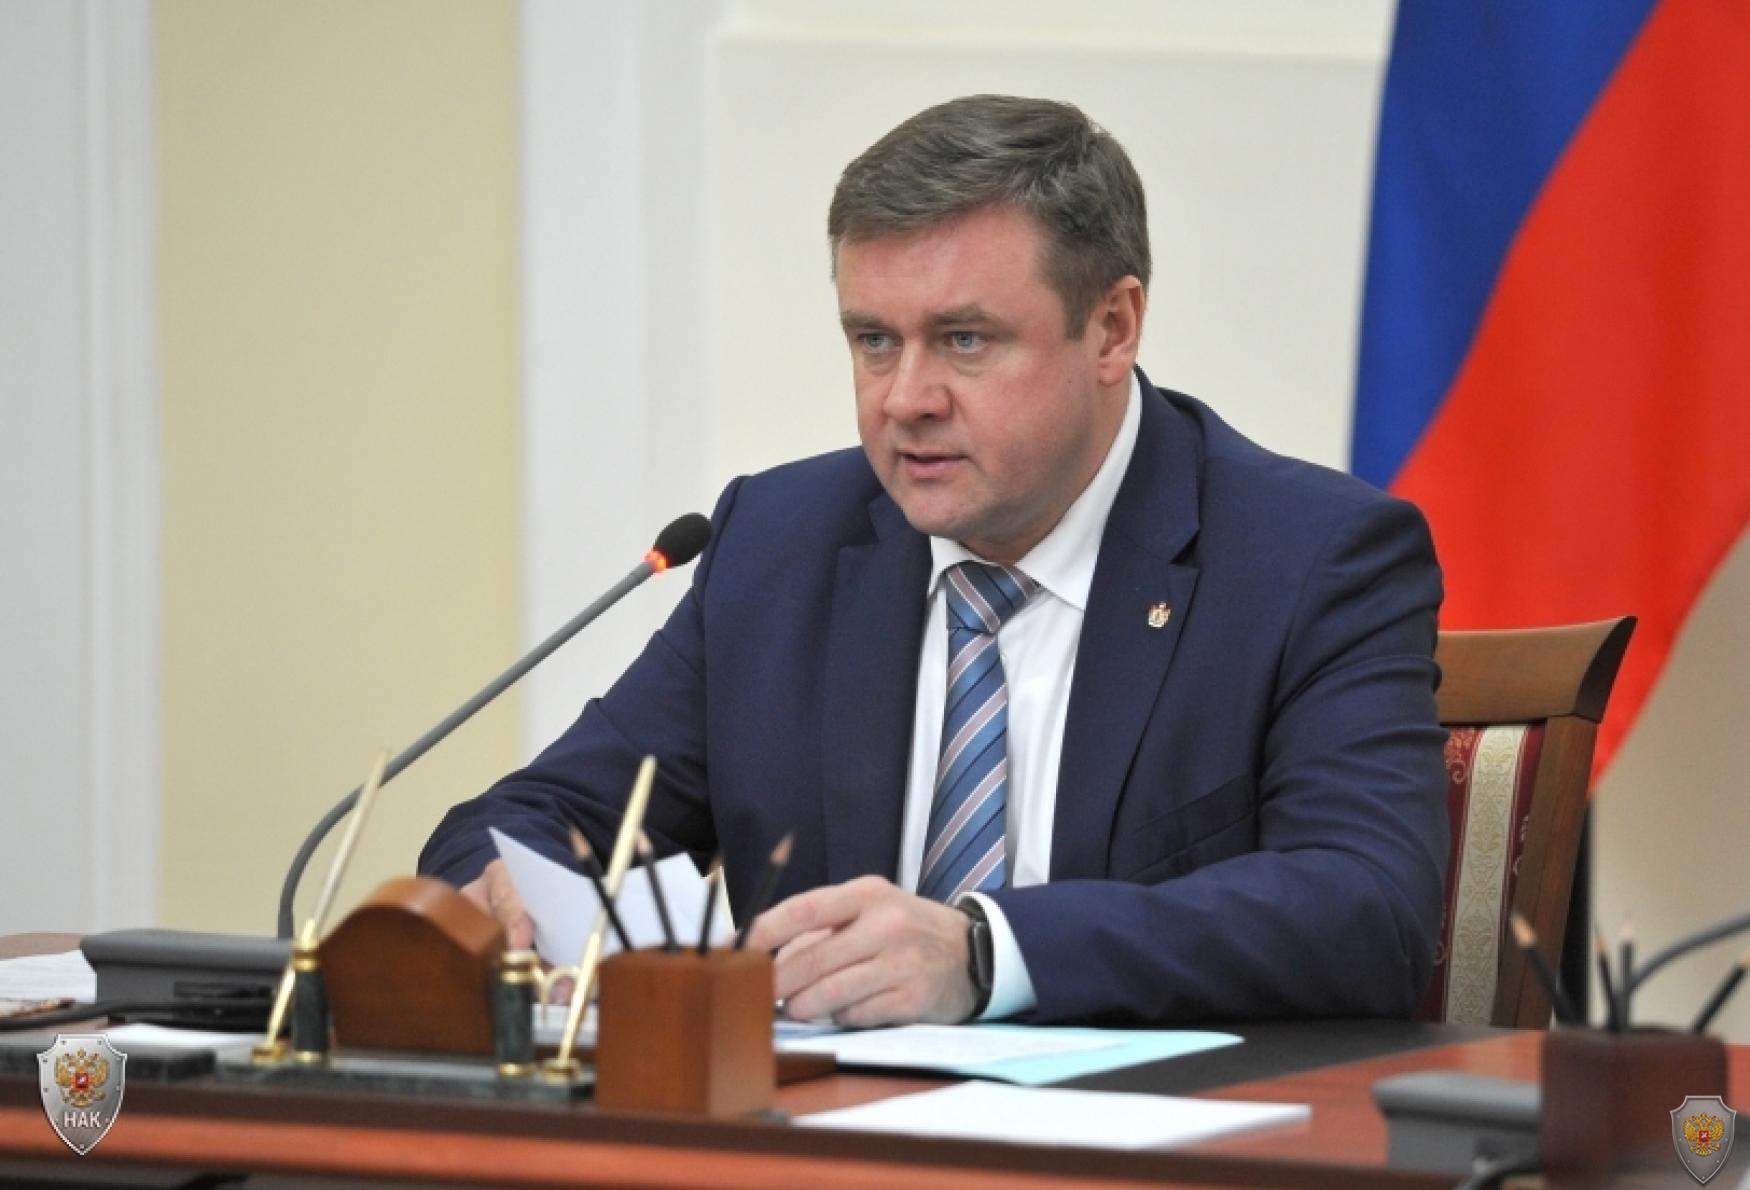 Вступительное слово  губернатора Рязанской области Н.В. Любимова